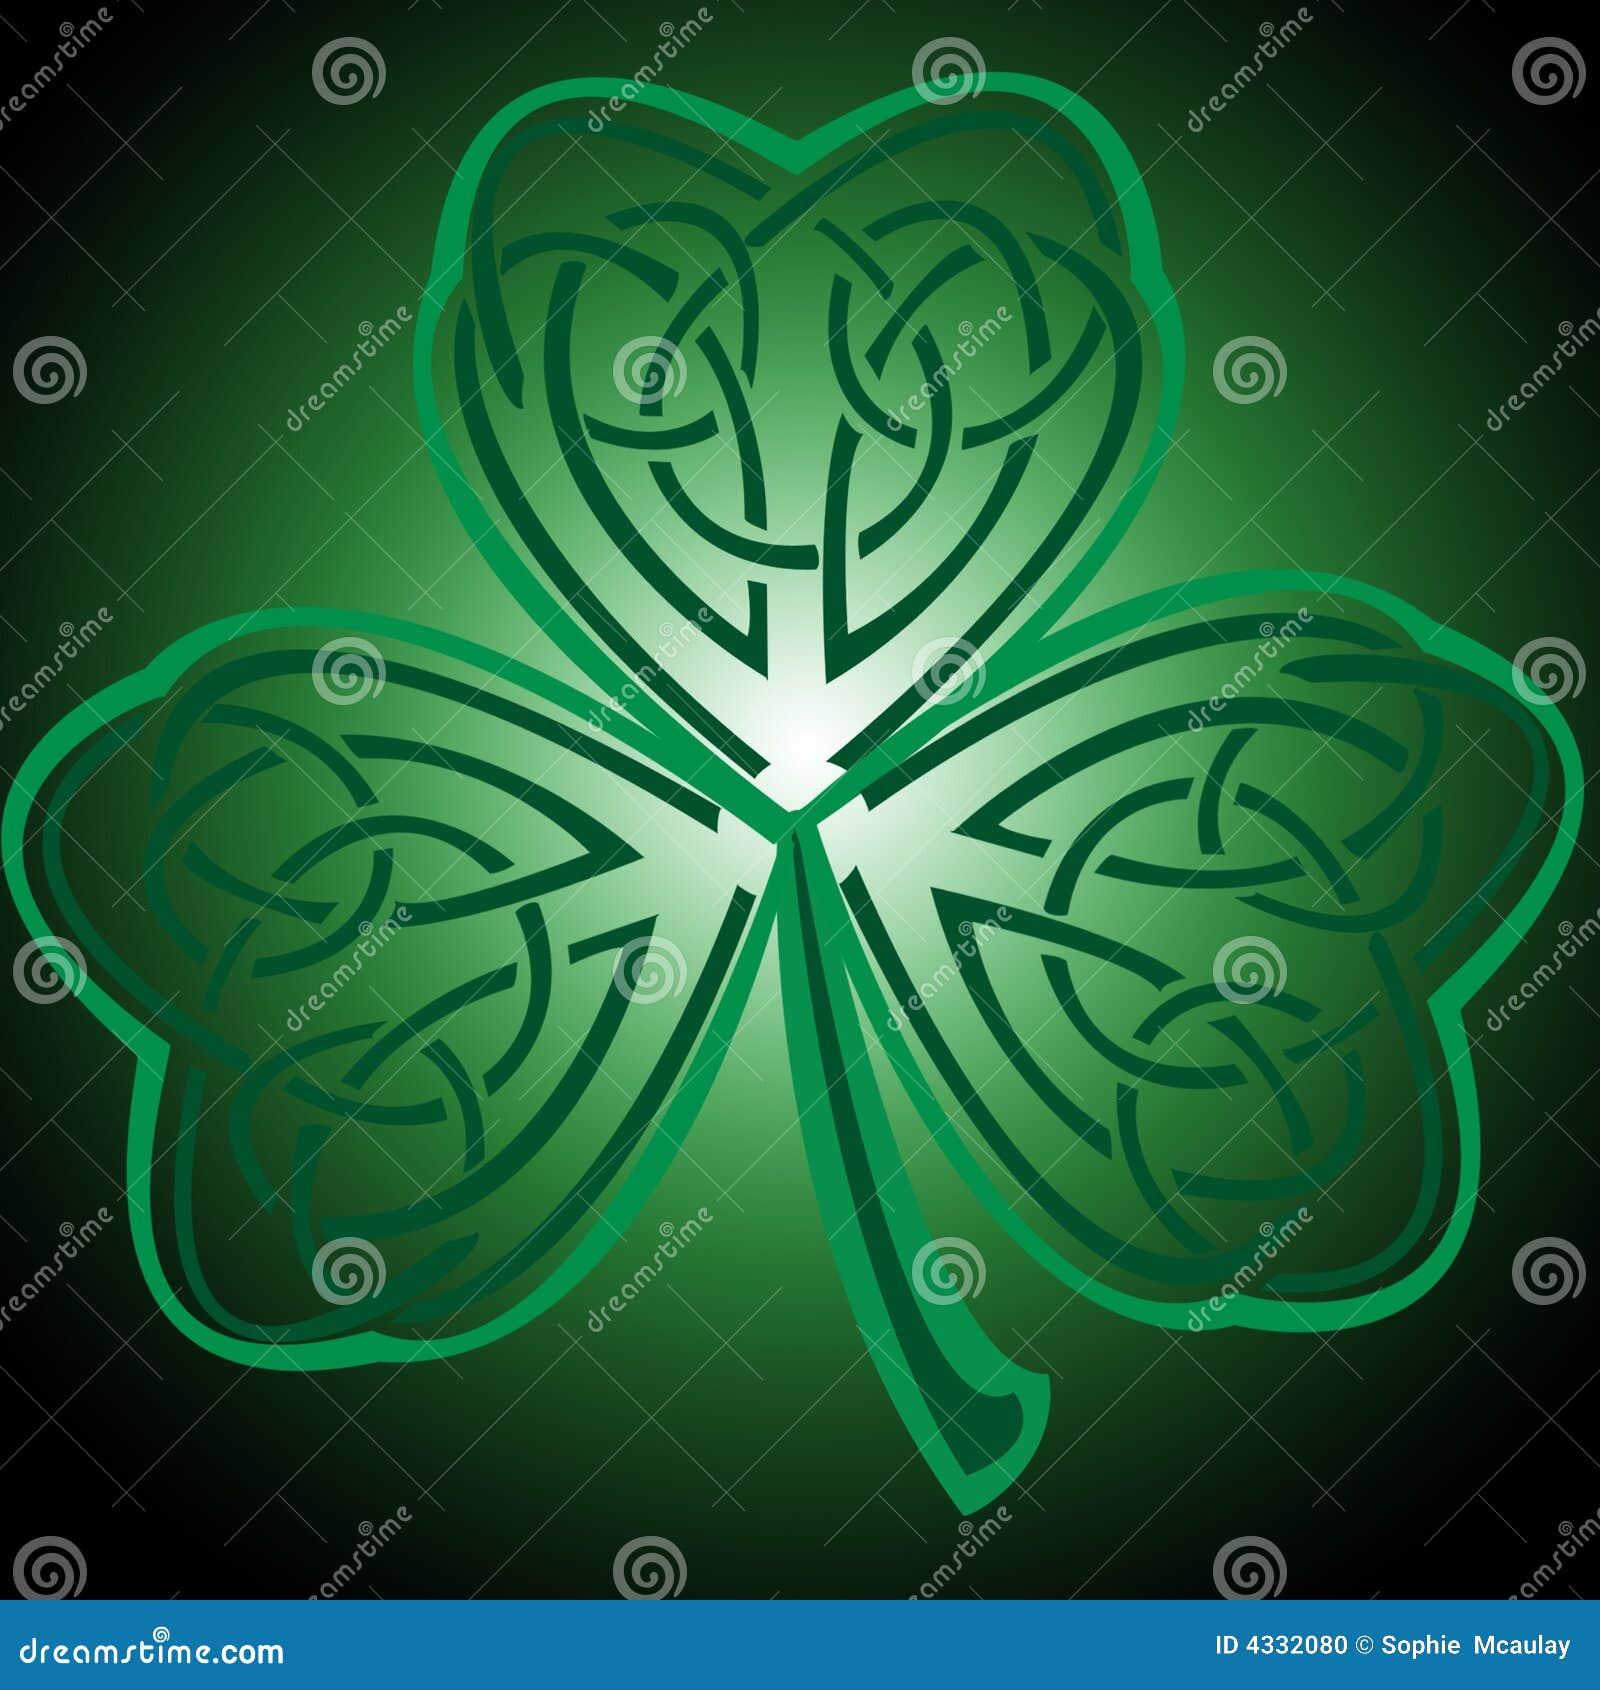 Celtic Cross With Shamrock Celtic shamrock stock photo